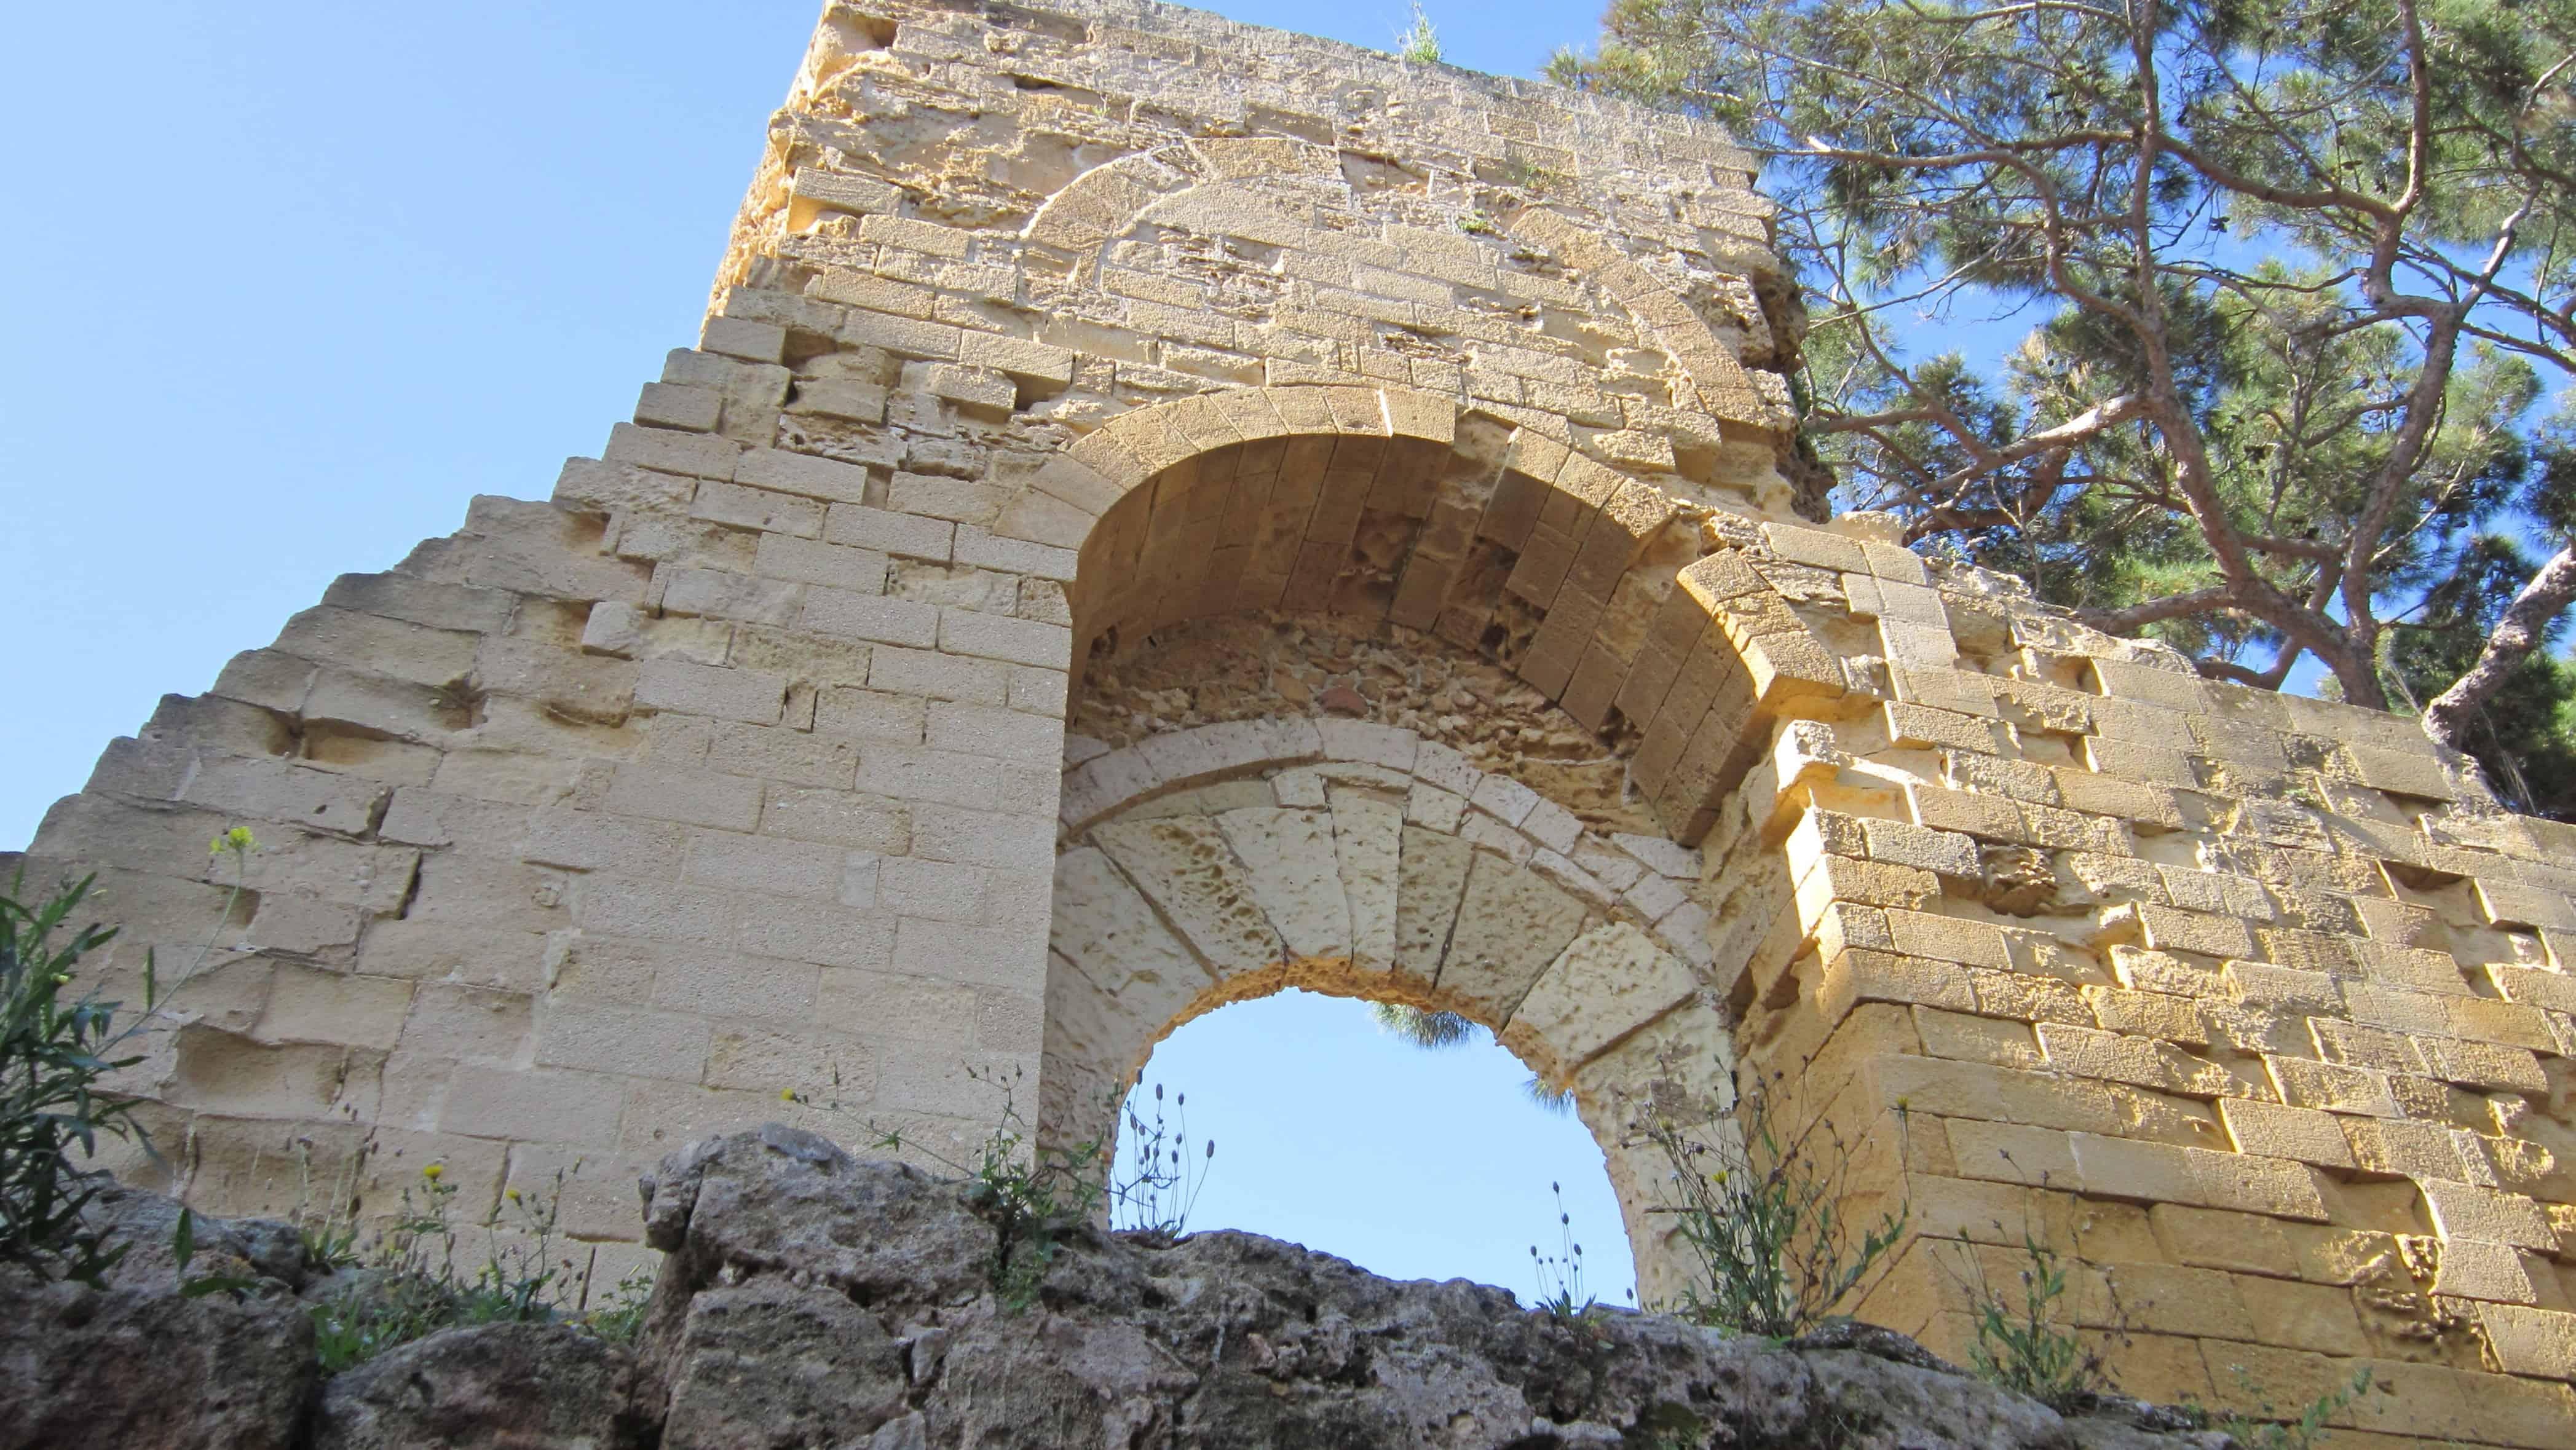 Imagen gratis la pared de piedra antiguo medieval for Definicion exterior